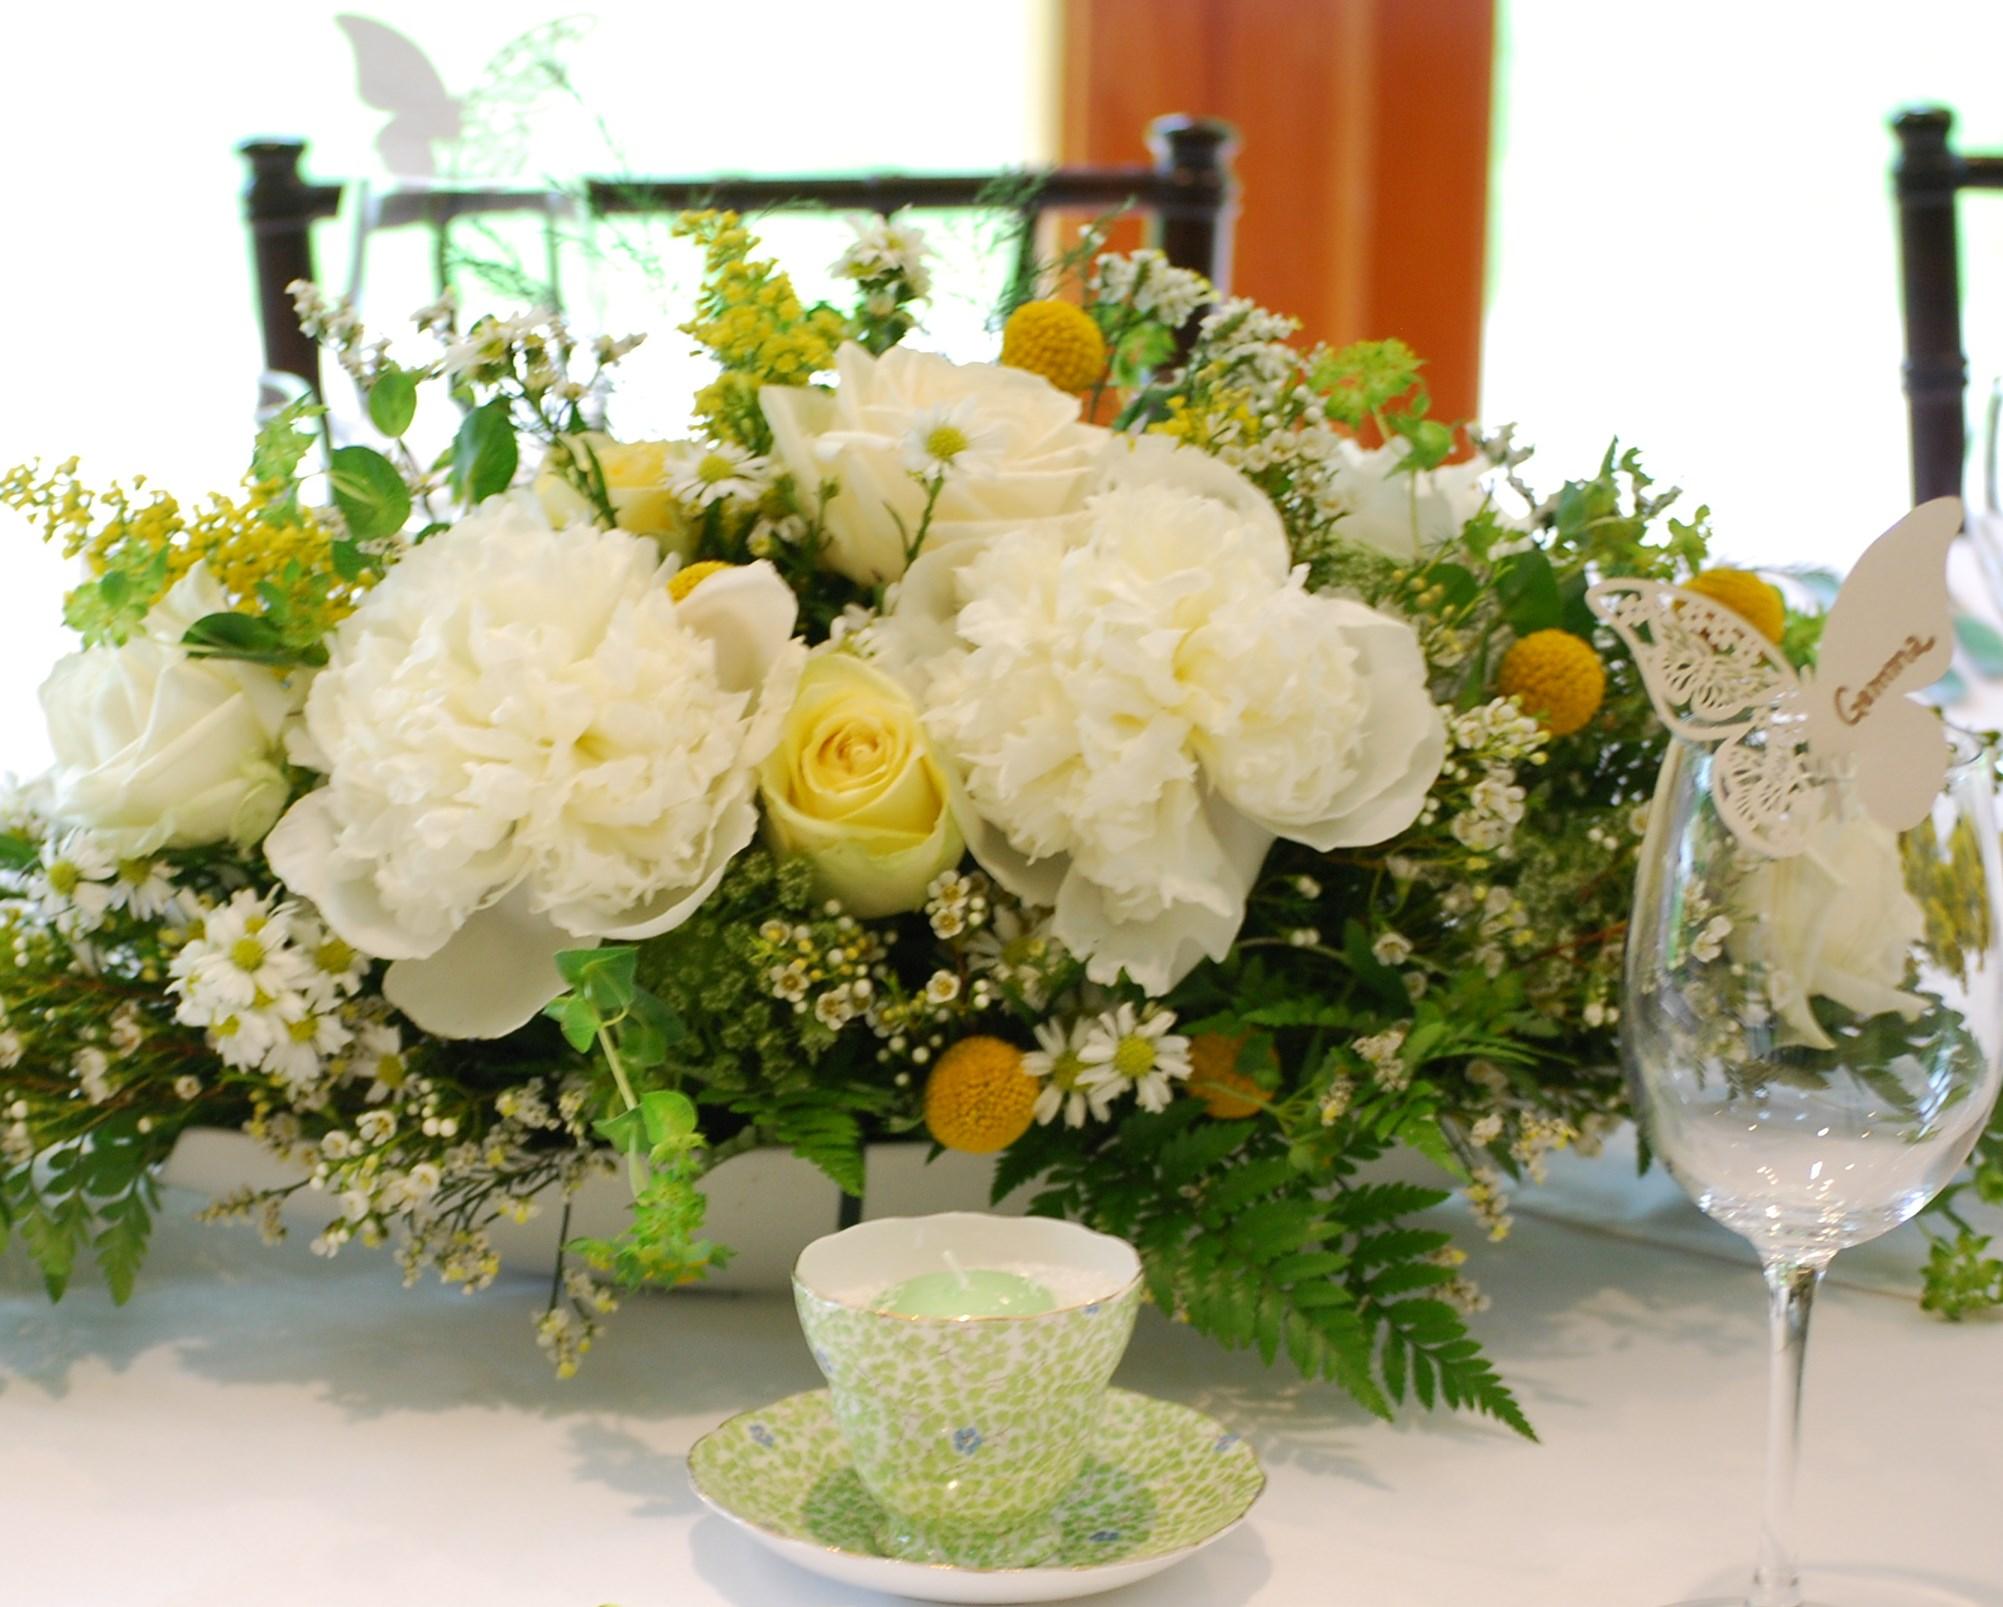 Floral Design by Lili, wedding centerpiece